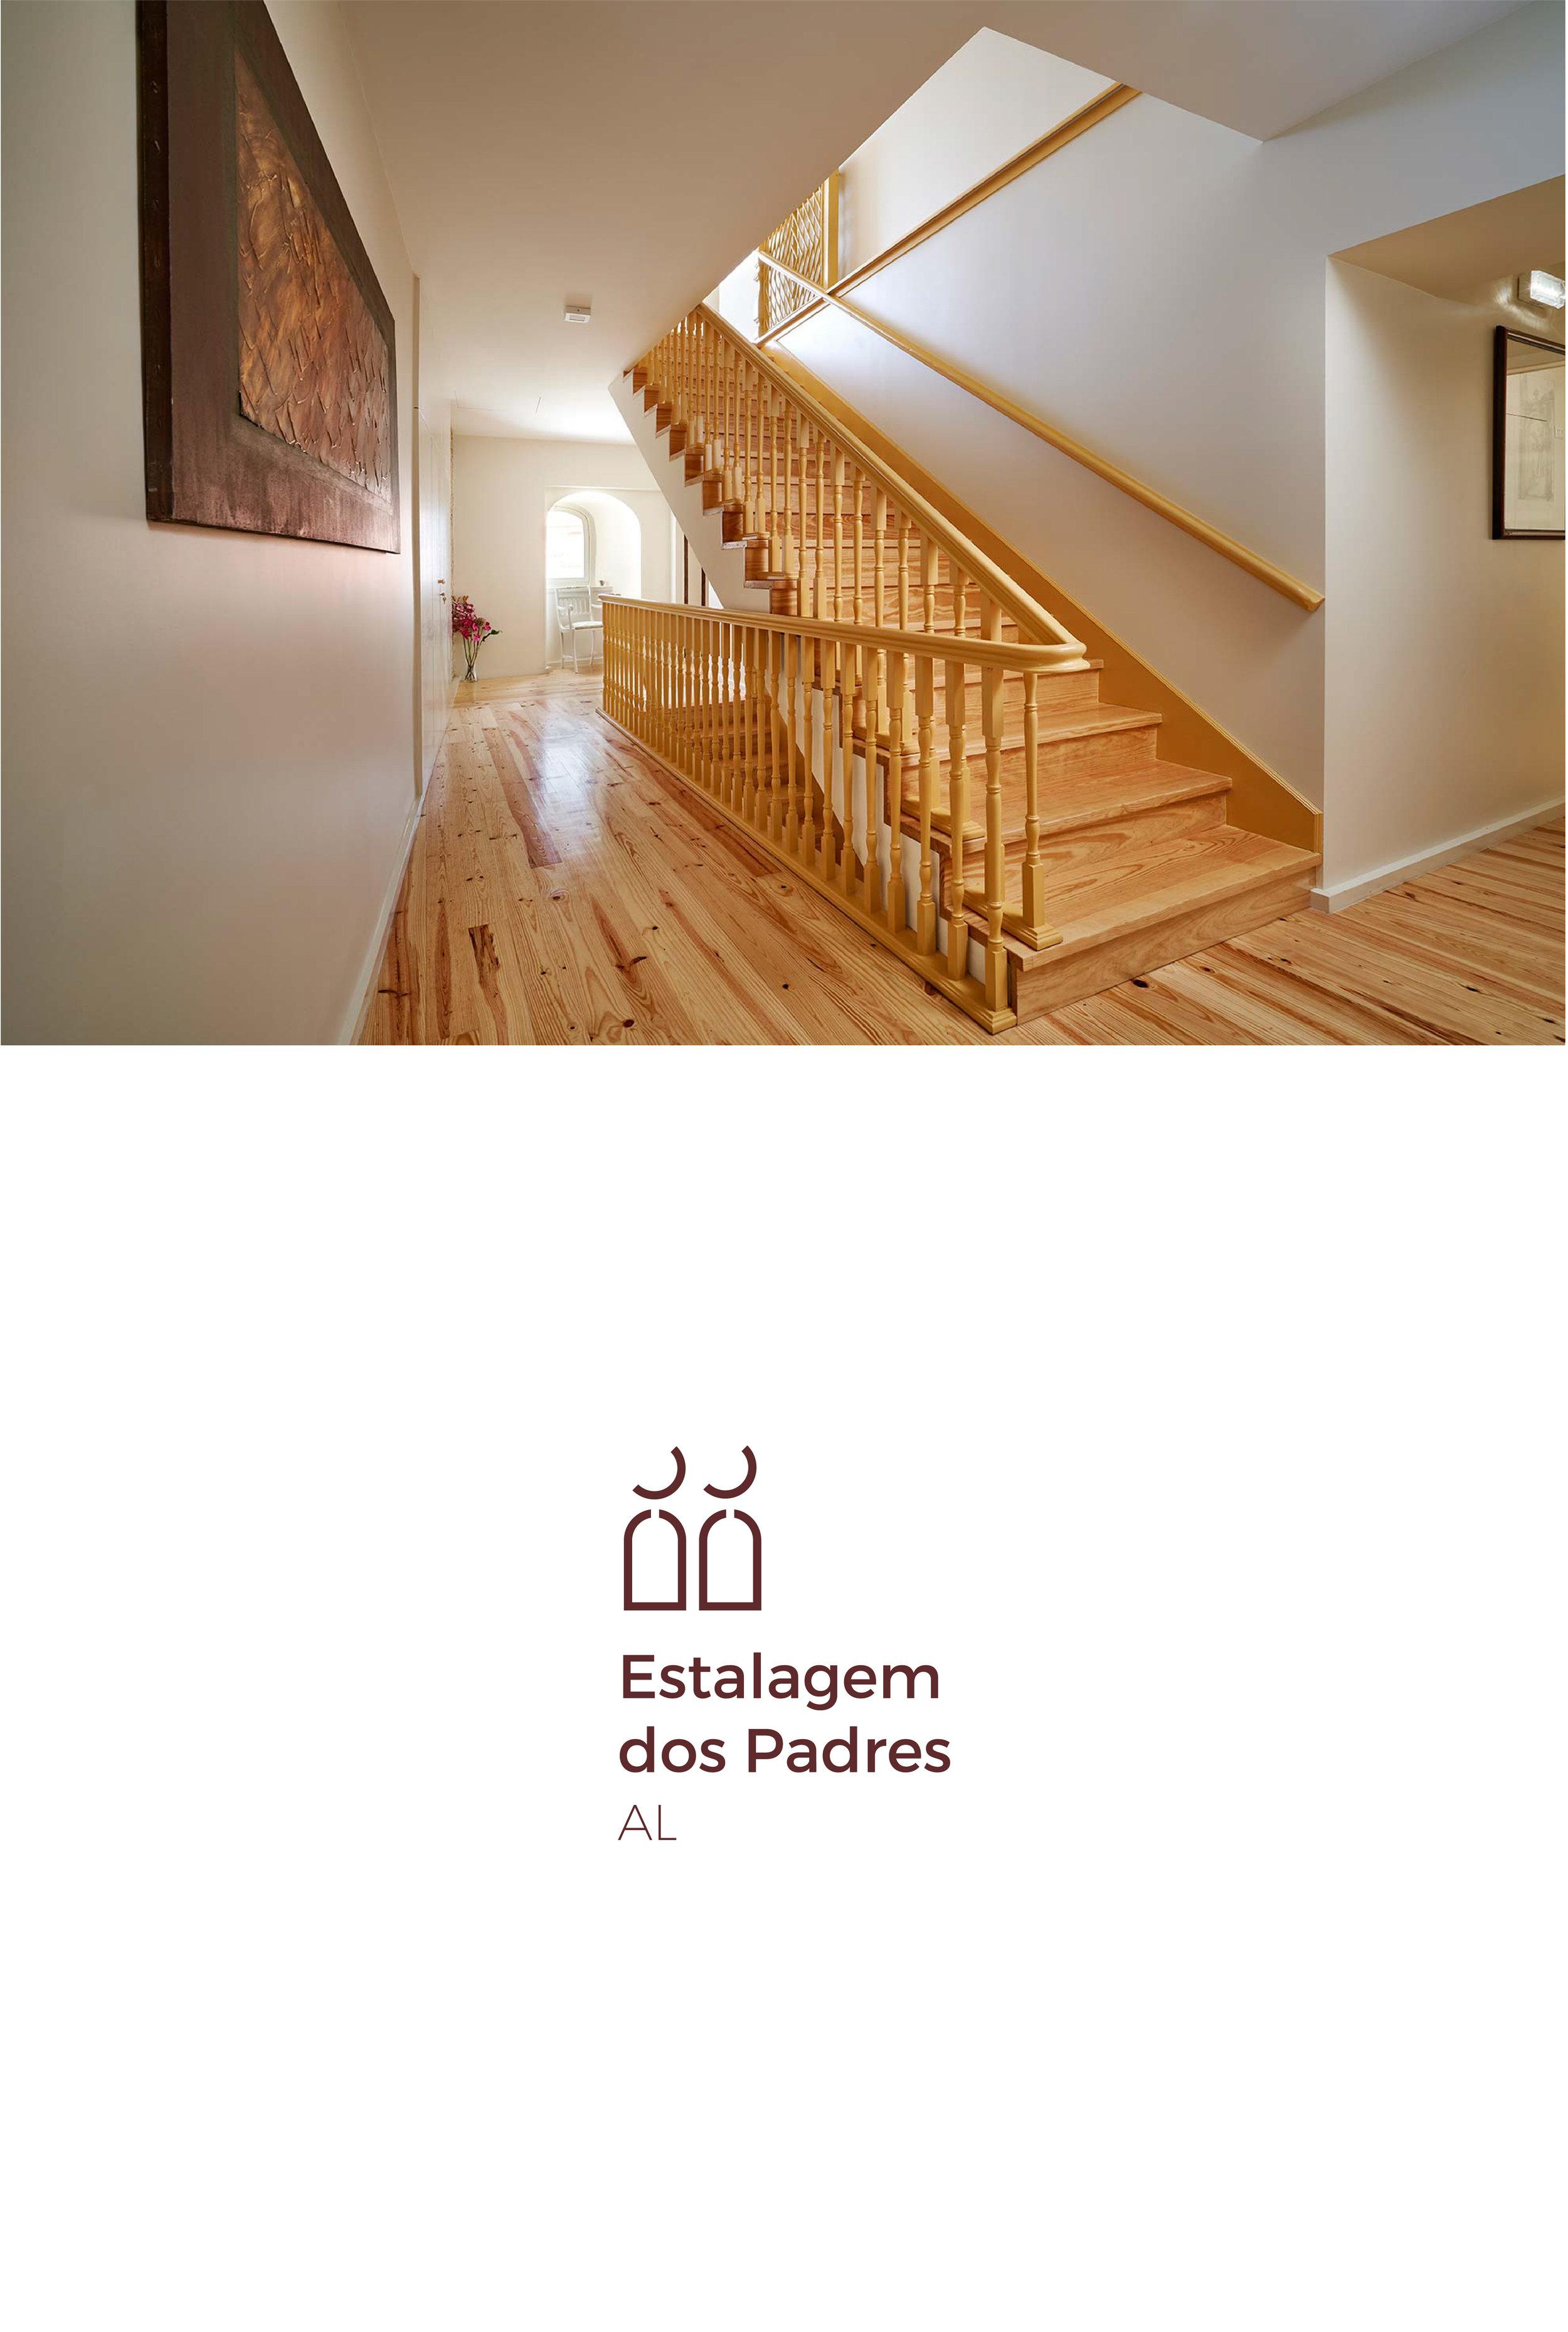 portfolio_EdP_v1.0-05.jpg